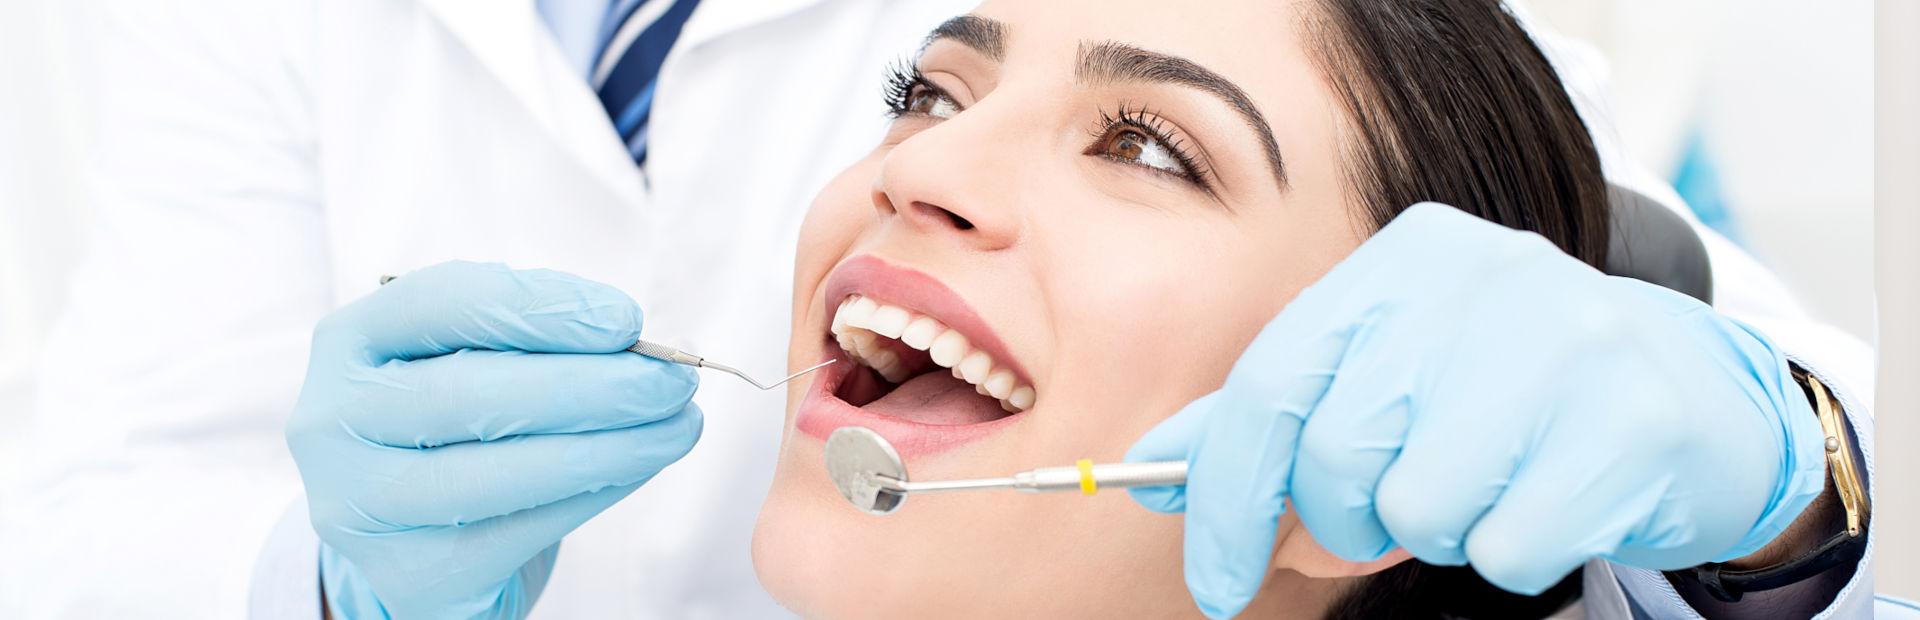 Woman having surgery at the dental